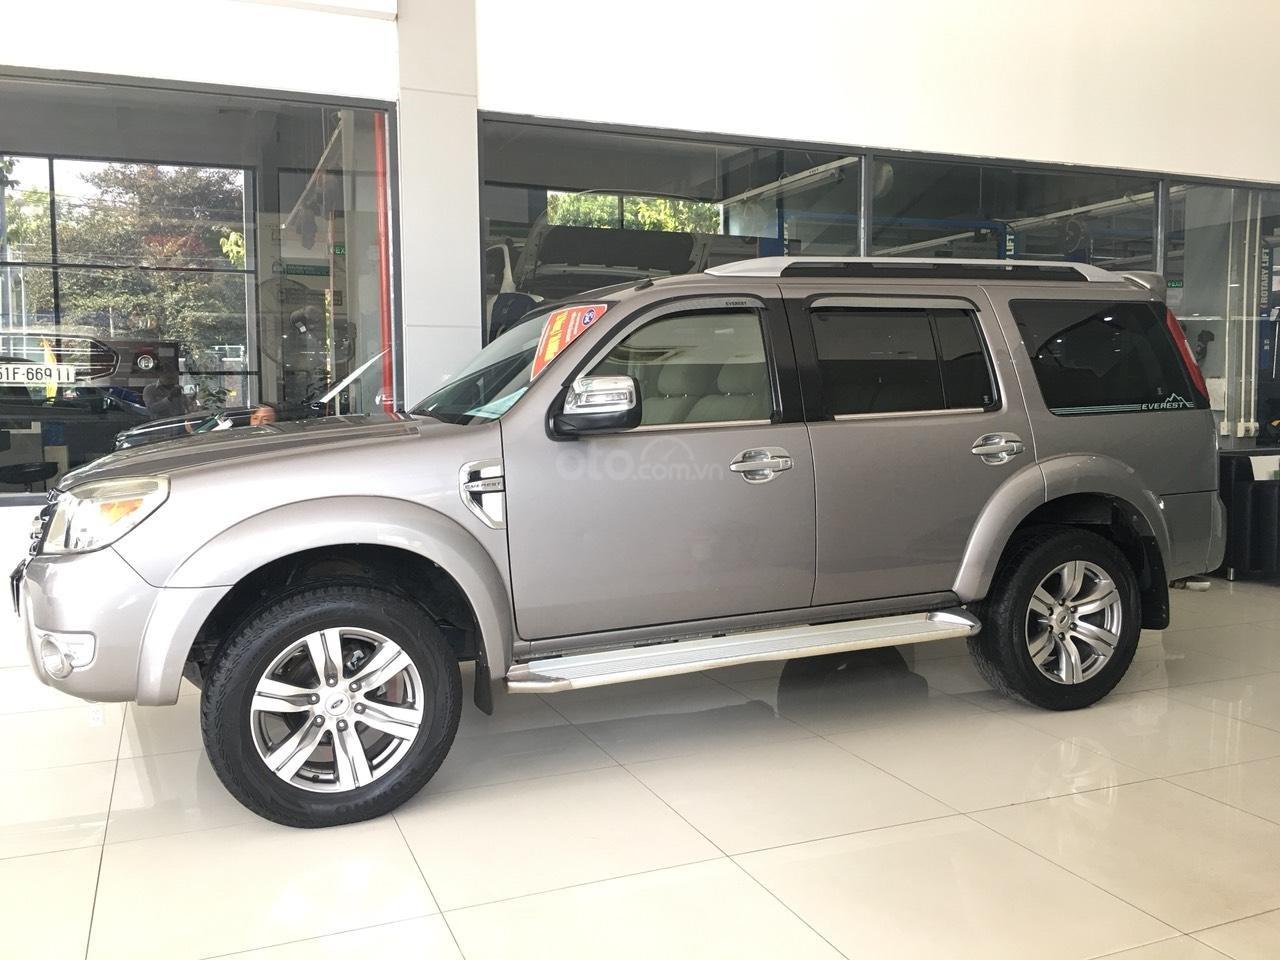 Cần bán xe Ford Everest Limited năm sản xuất 2011, màu xám (ghi)-0